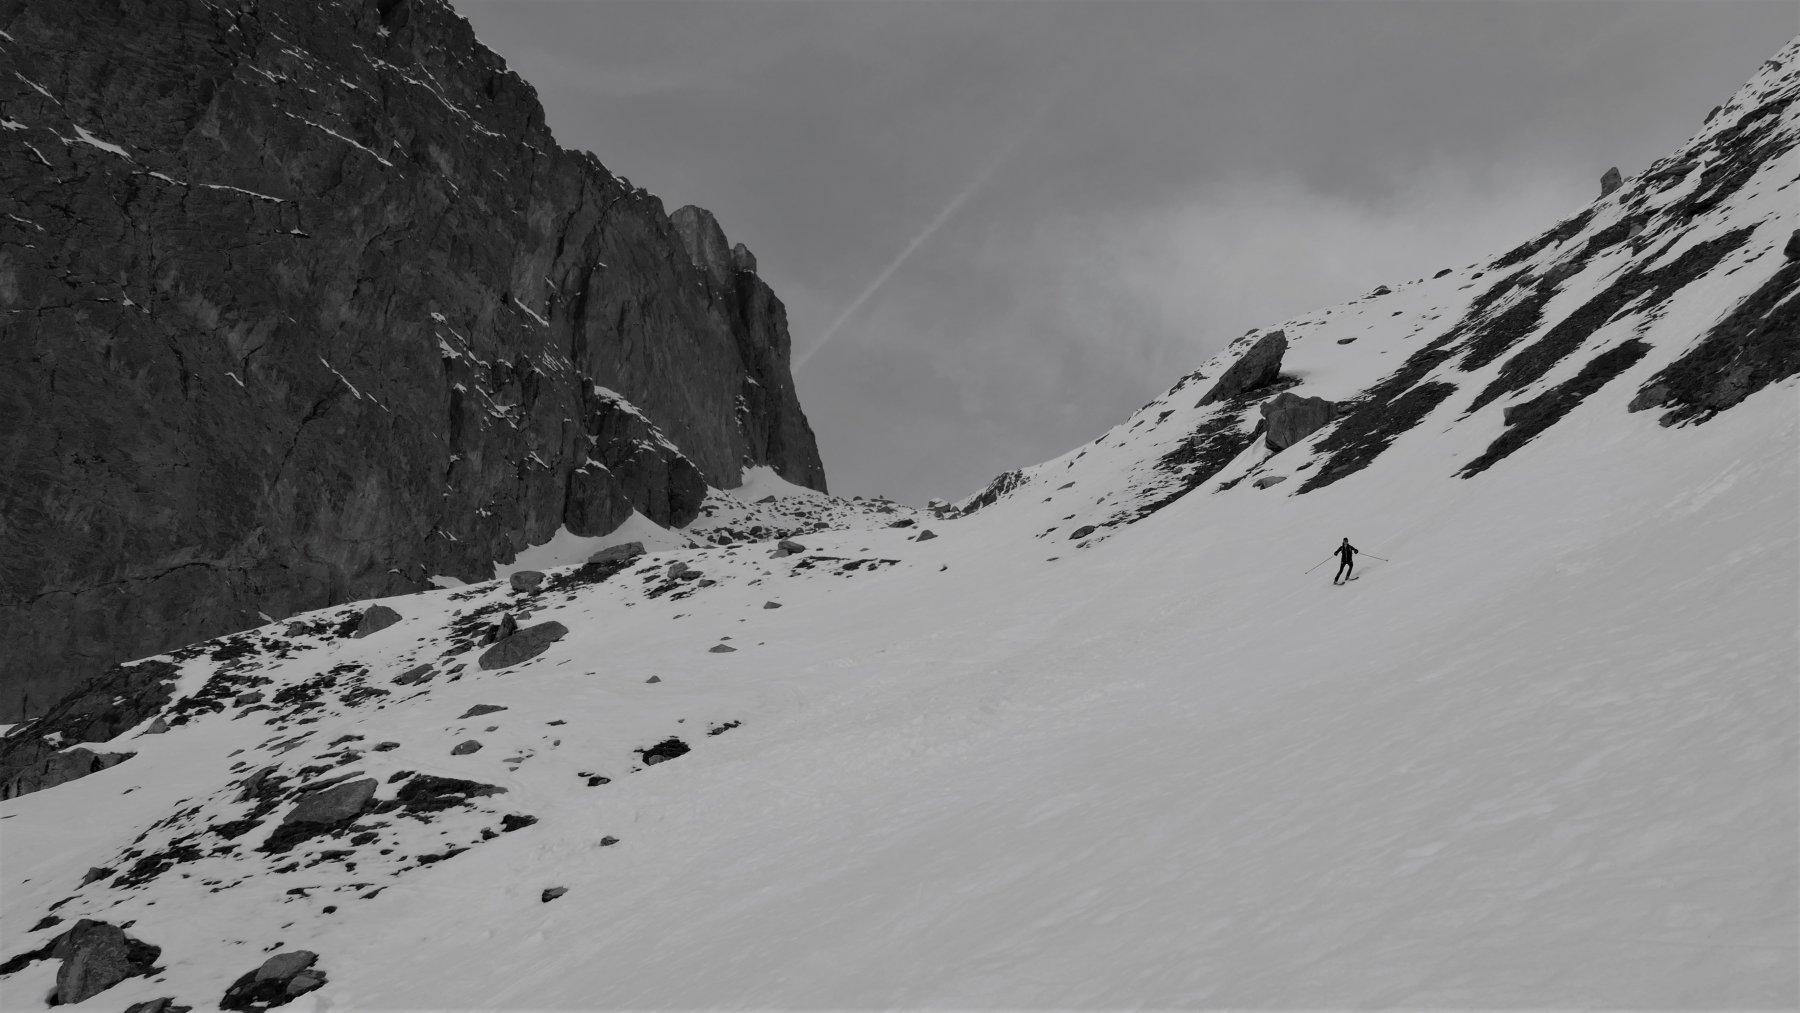 da qui si inizia a sciare discretamente